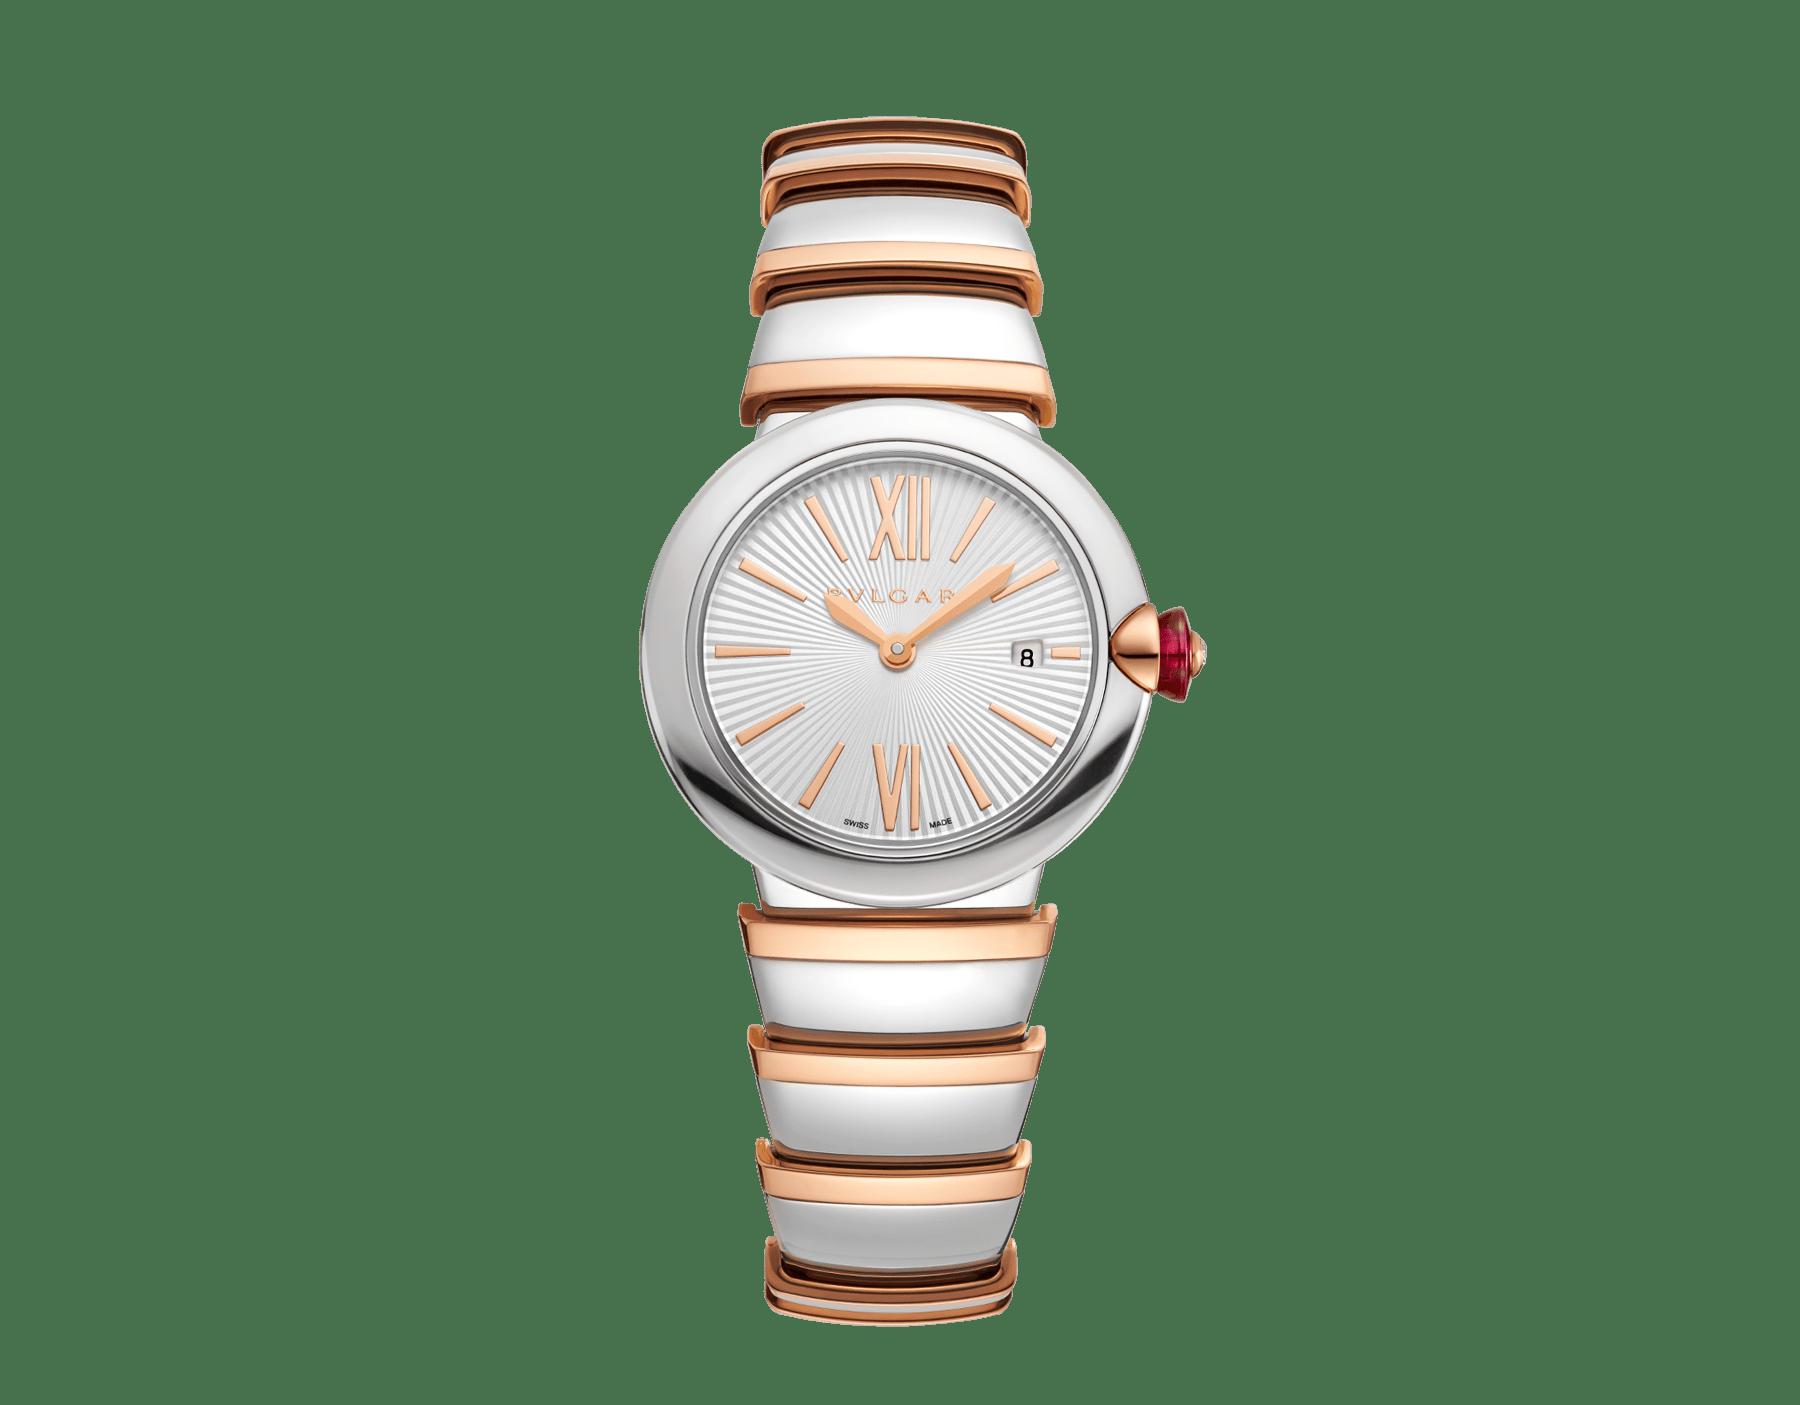 Часы LVCEA, корпус из нержавеющей стали, серебристый опаловый циферблат, браслет из розового золота 18 карат и нержавеющей стали. 102193 image 1